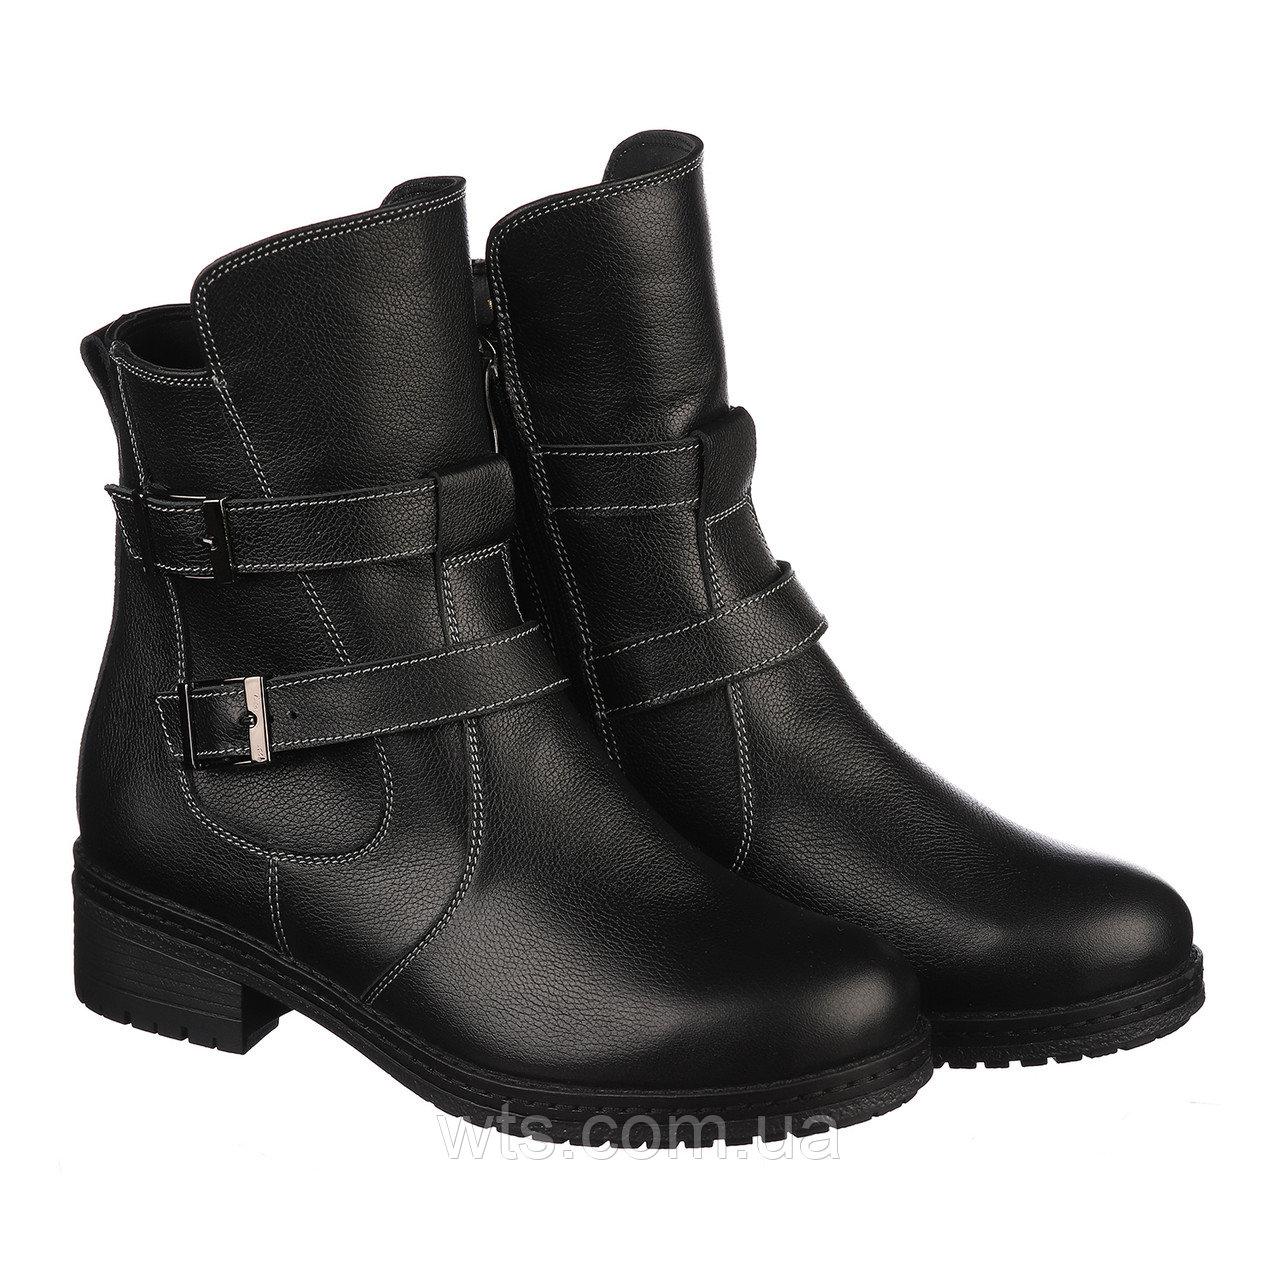 VM-Villomi Зимние женские ботинки черного цвета